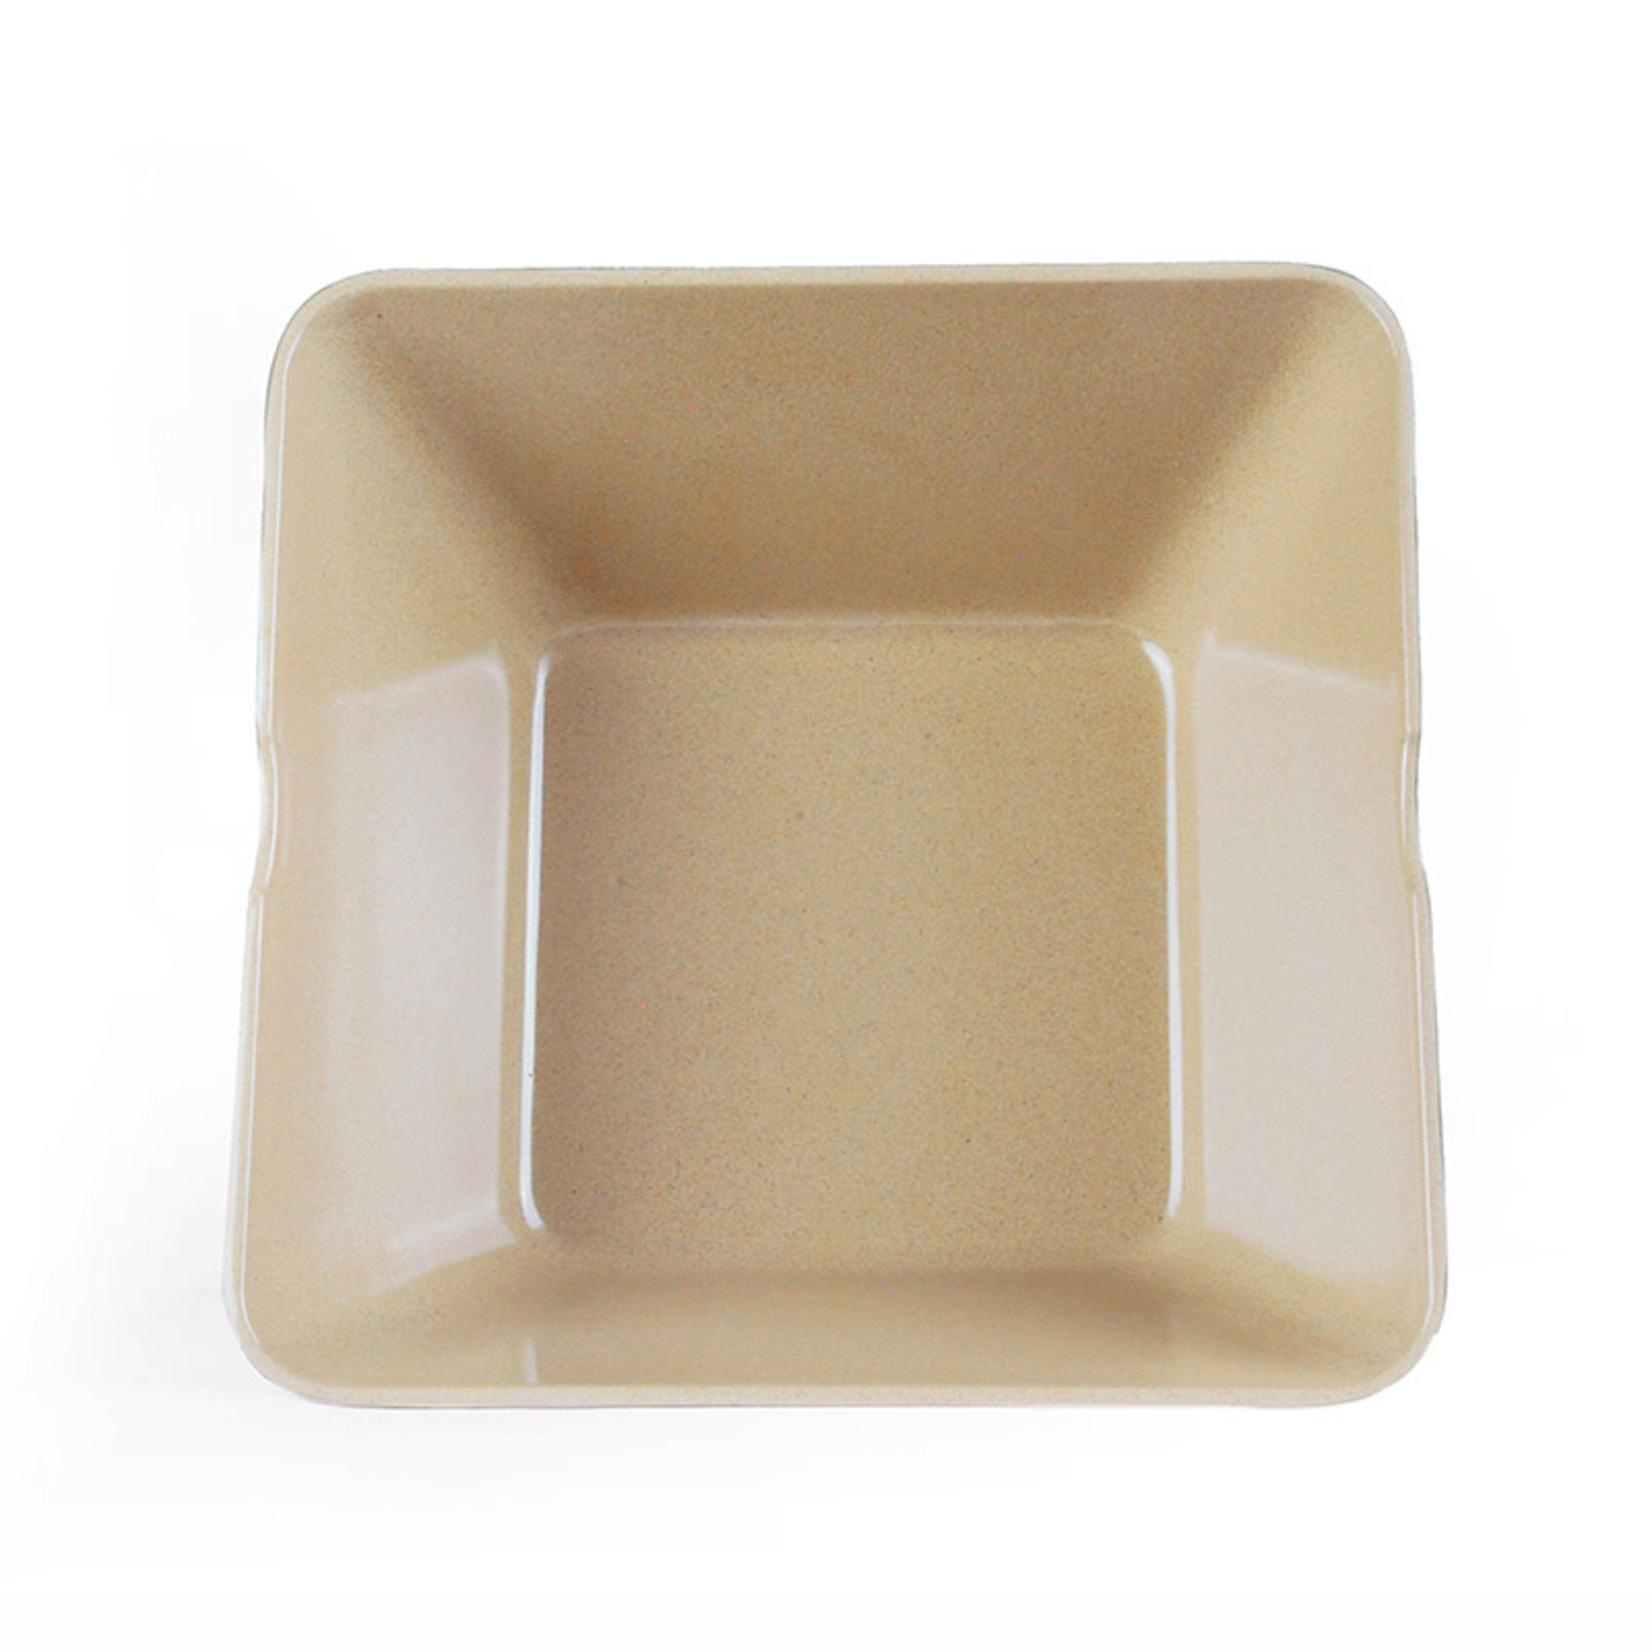 EcoSoulife EcoSoulife Husk Square Bowl